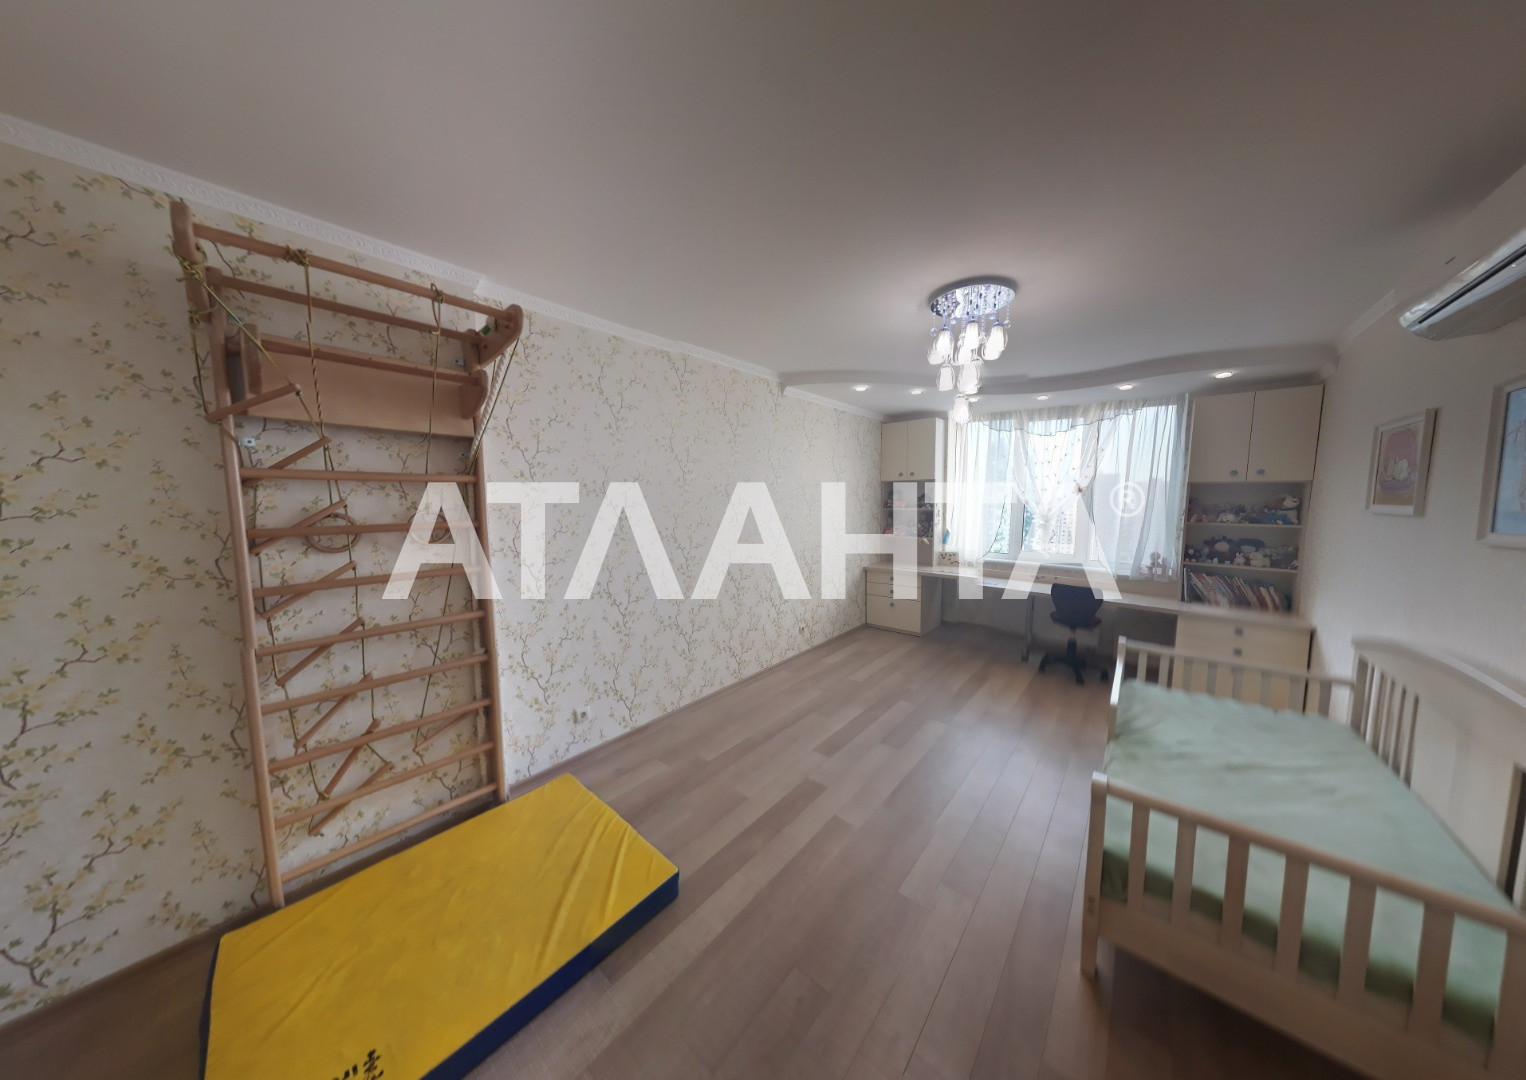 Продается 3-комнатная Квартира на ул. Ул. Максимовича — 153 000 у.е. (фото №20)